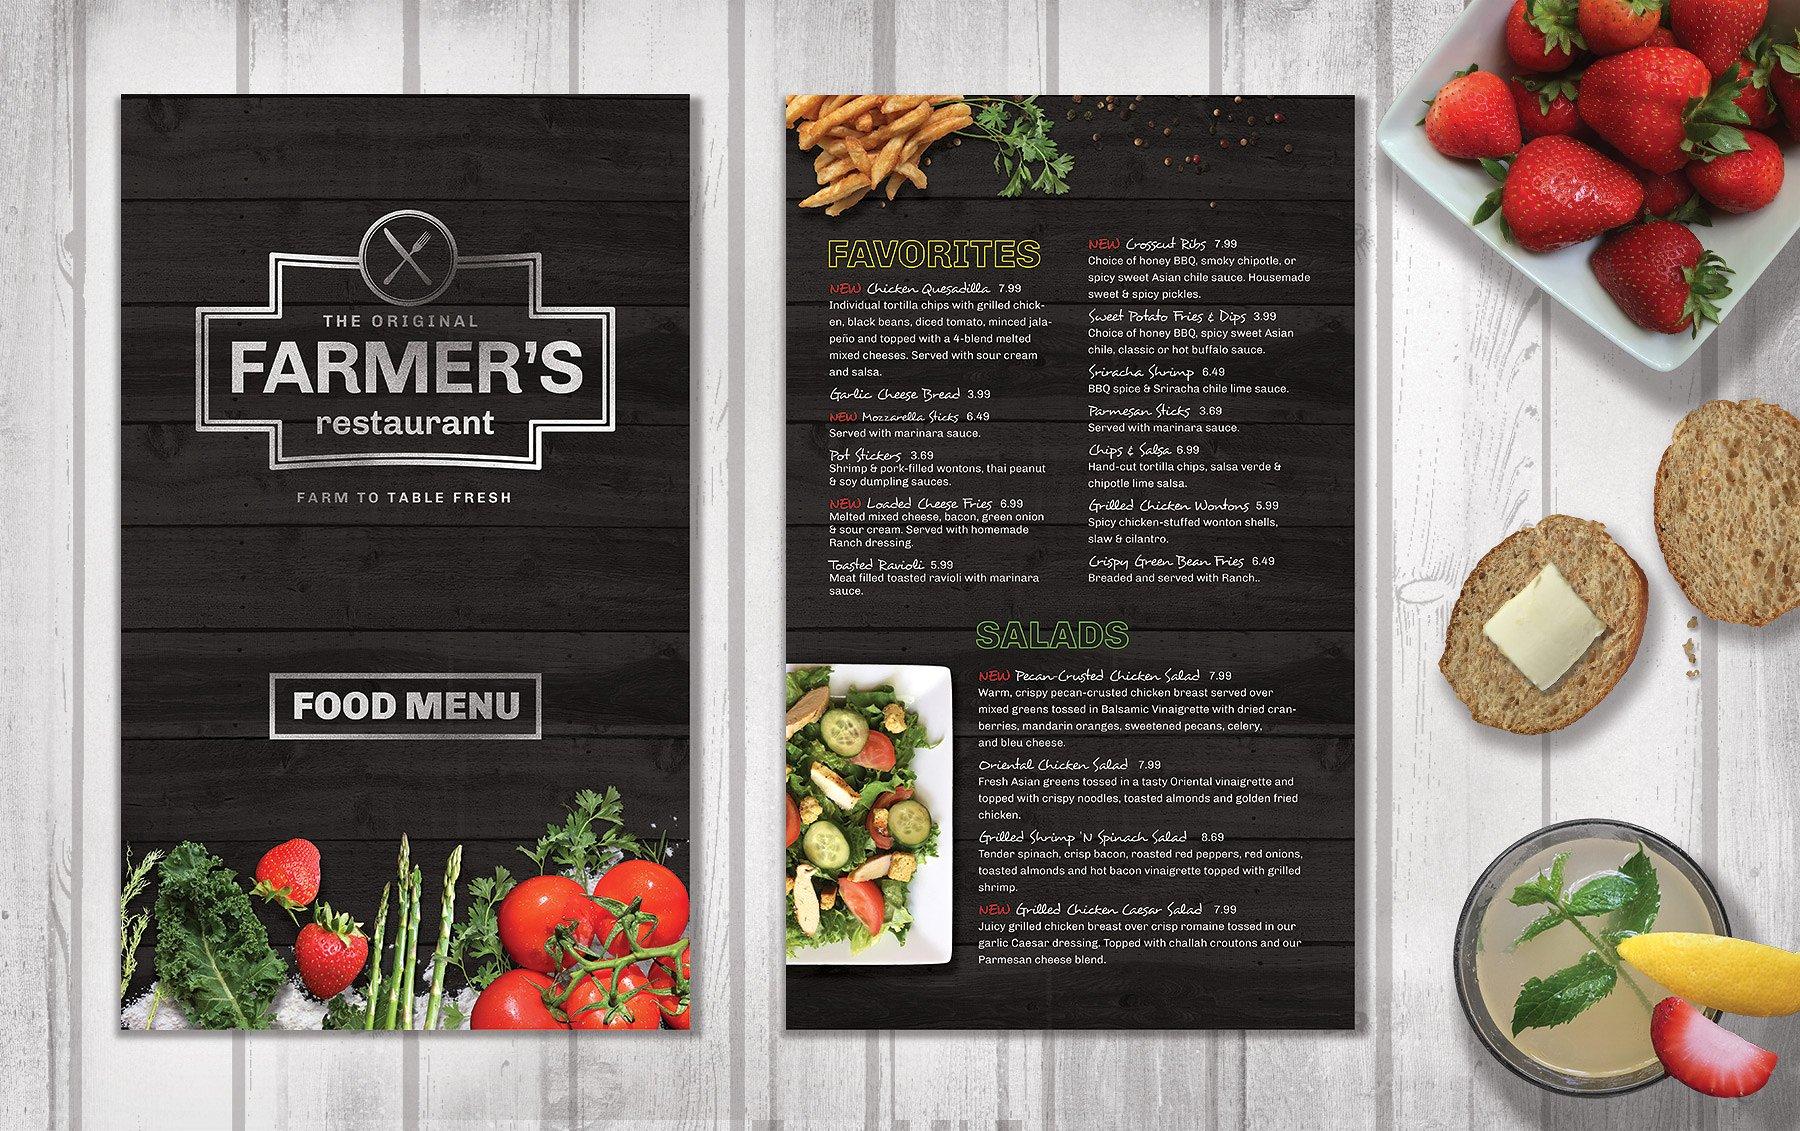 Thiết kế menu cho nhà hàng phương tây theo tông màu tối